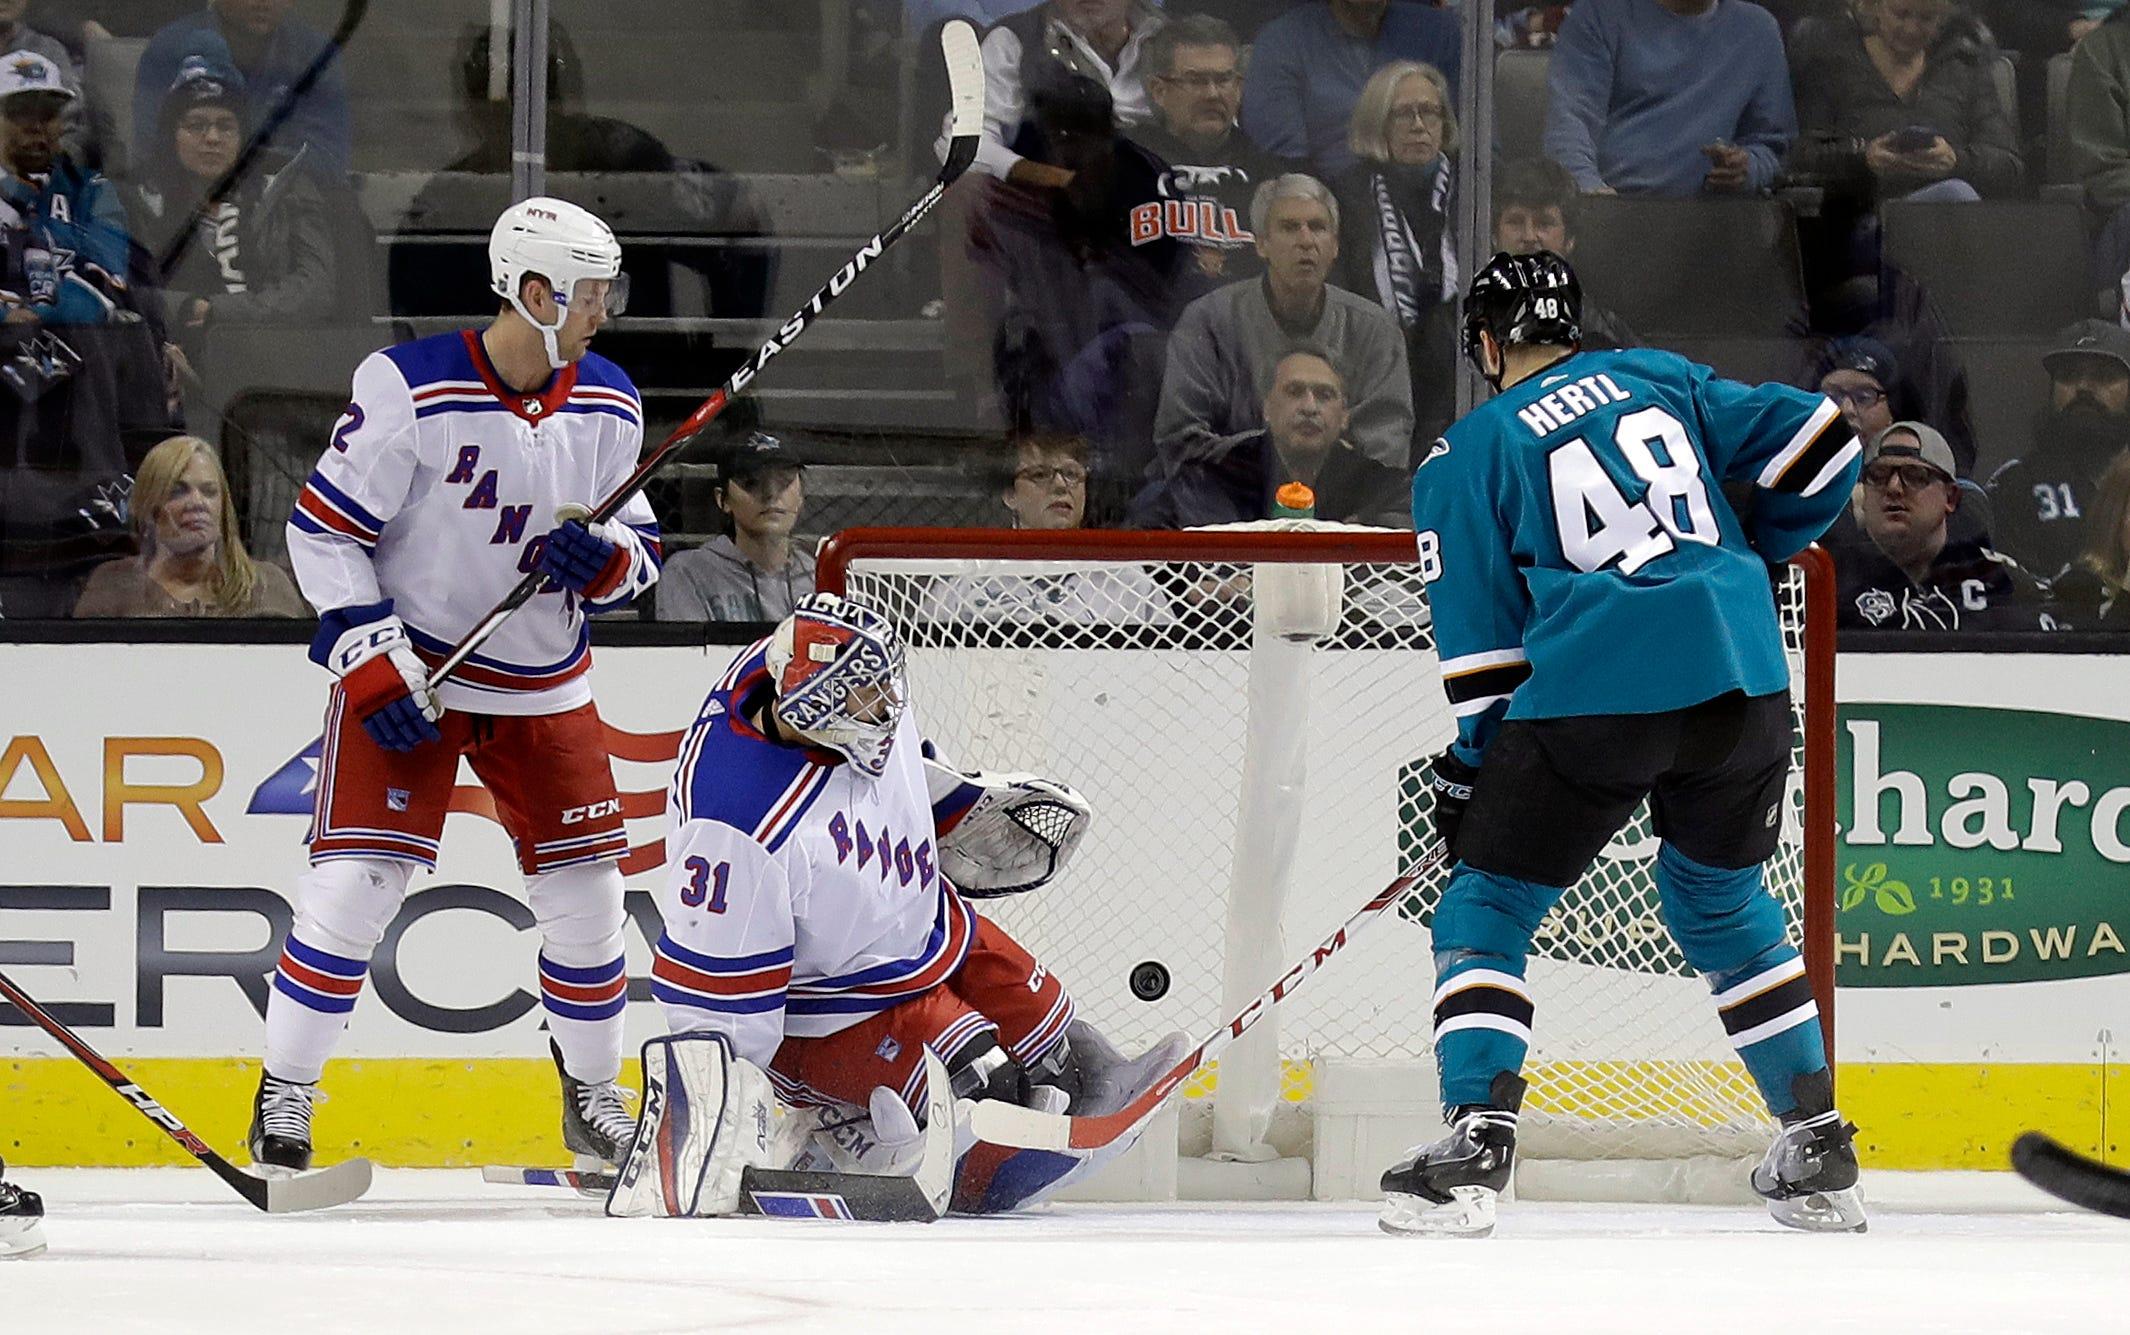 McDonagh's 2 goals lead Rangers past Sharks 6-5